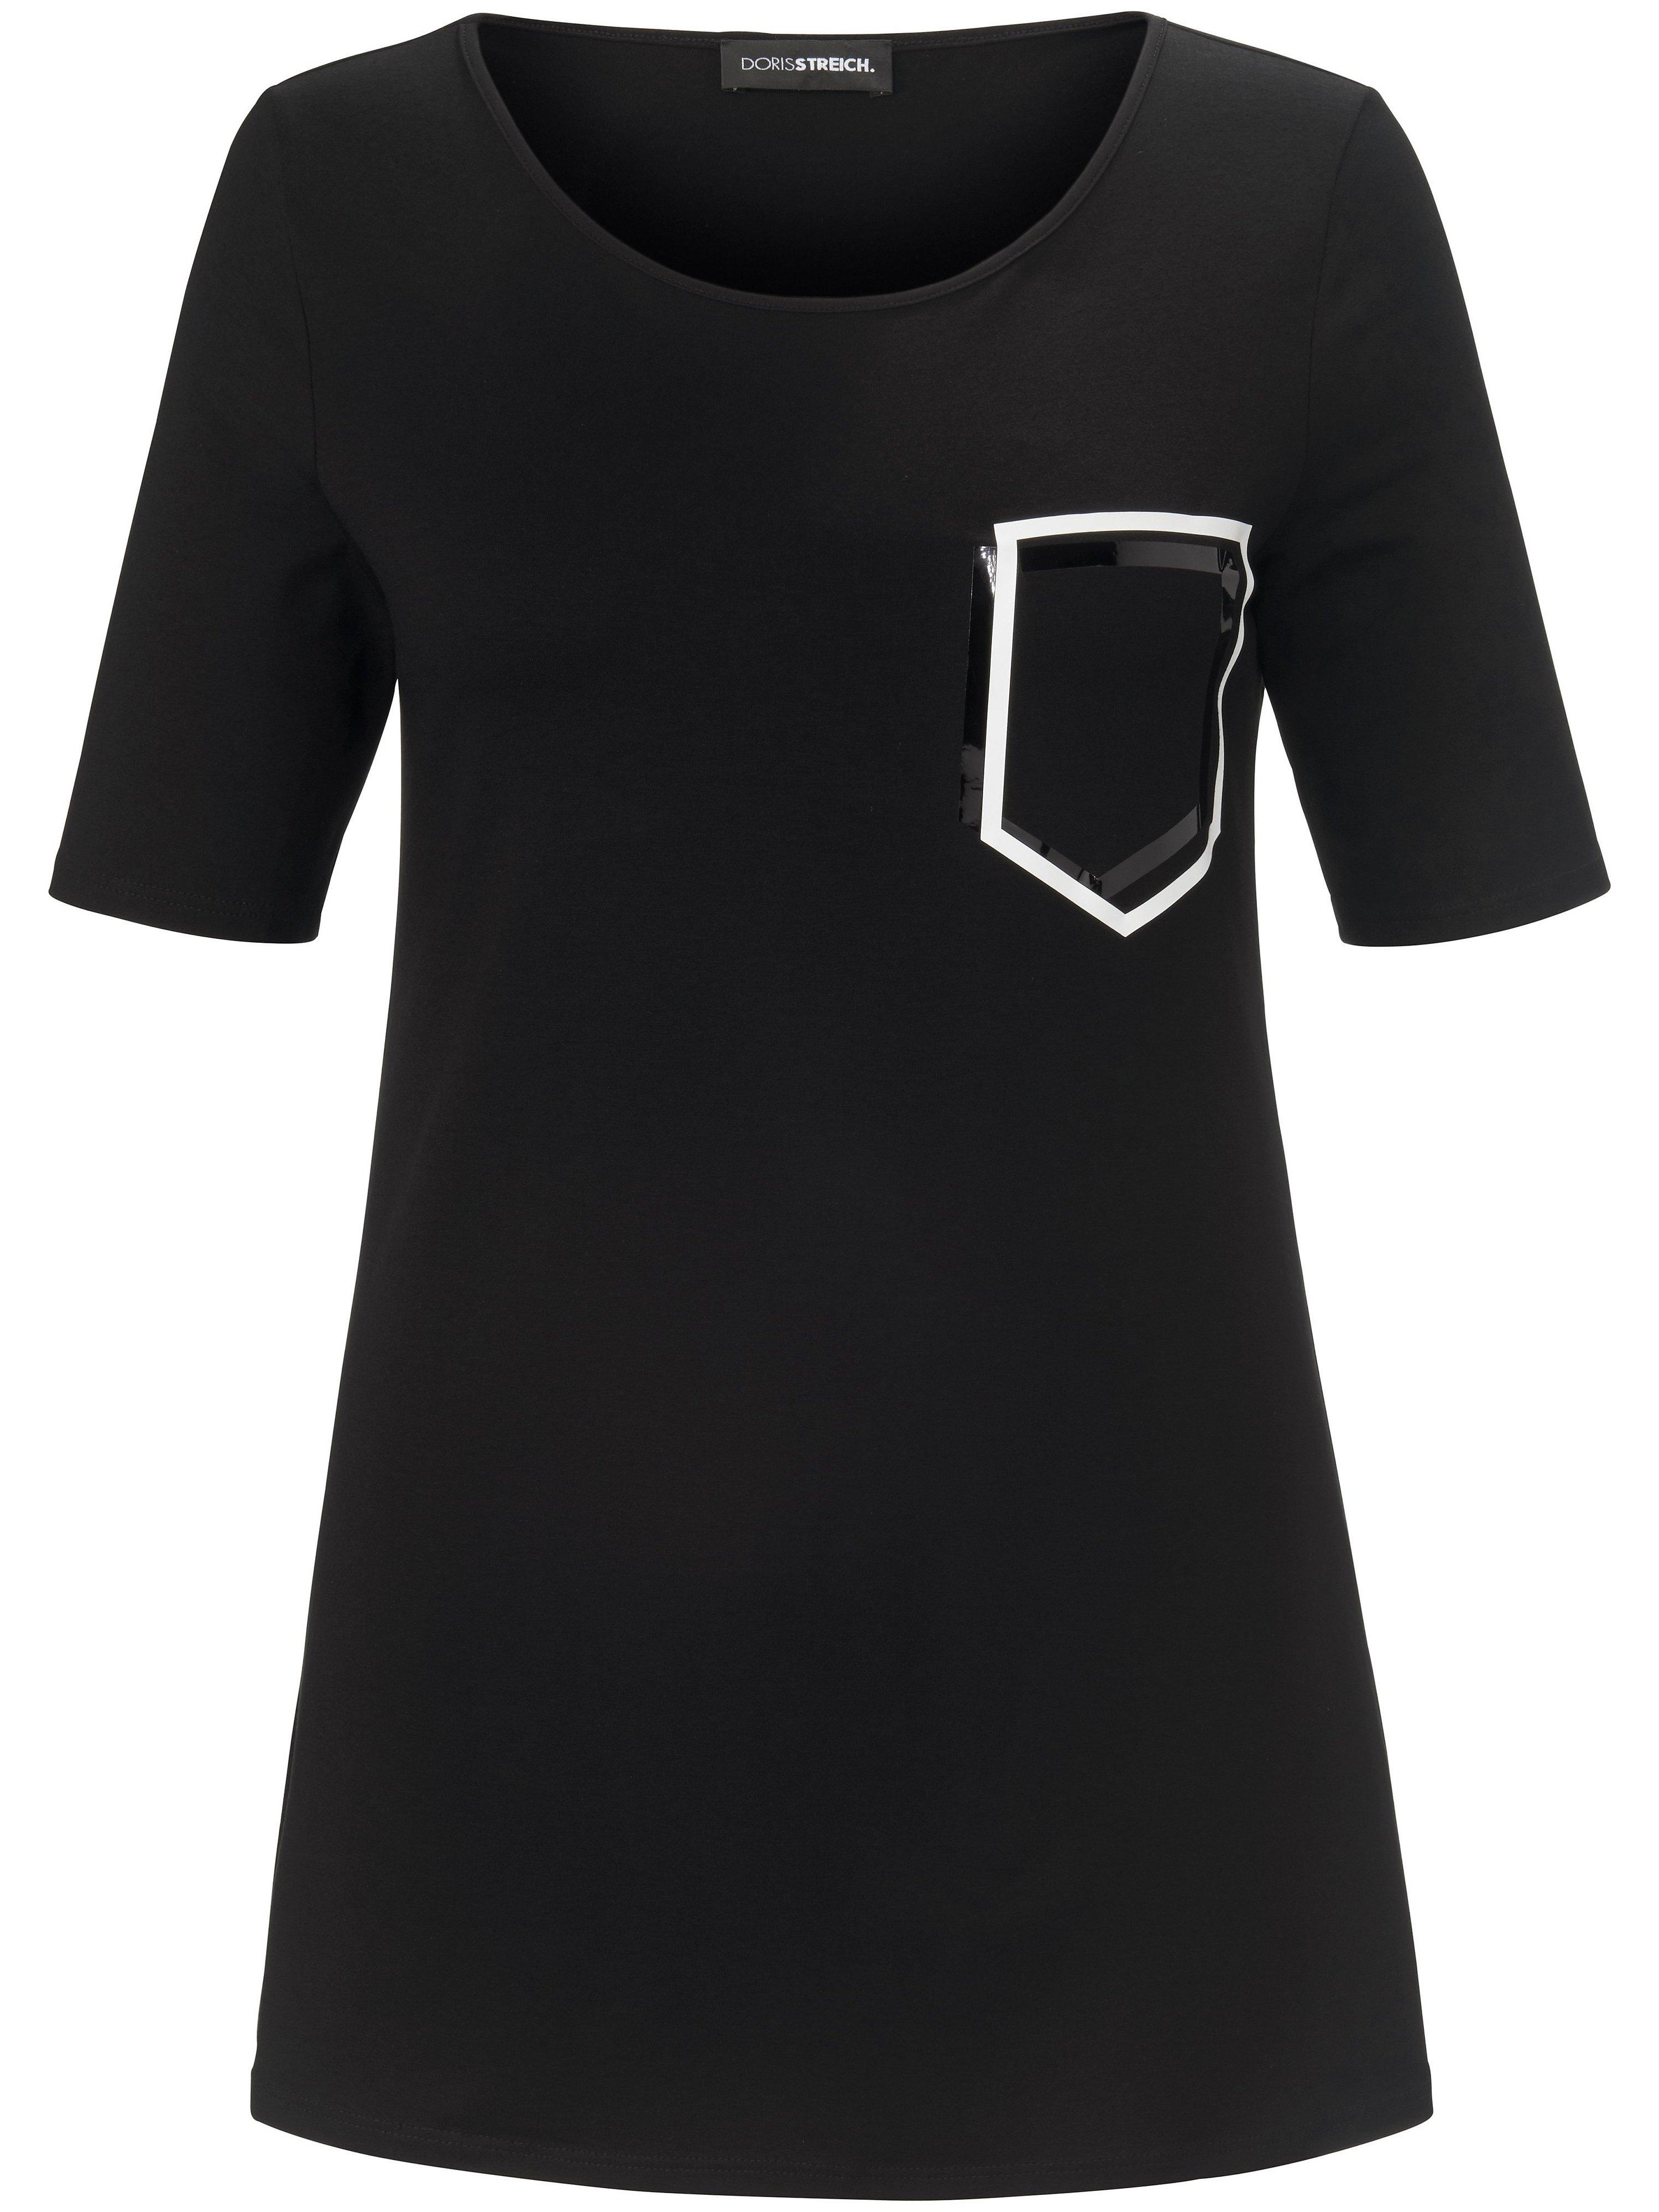 Lang shirt in A-lijn korte mouwen Van Doris Streich zwart